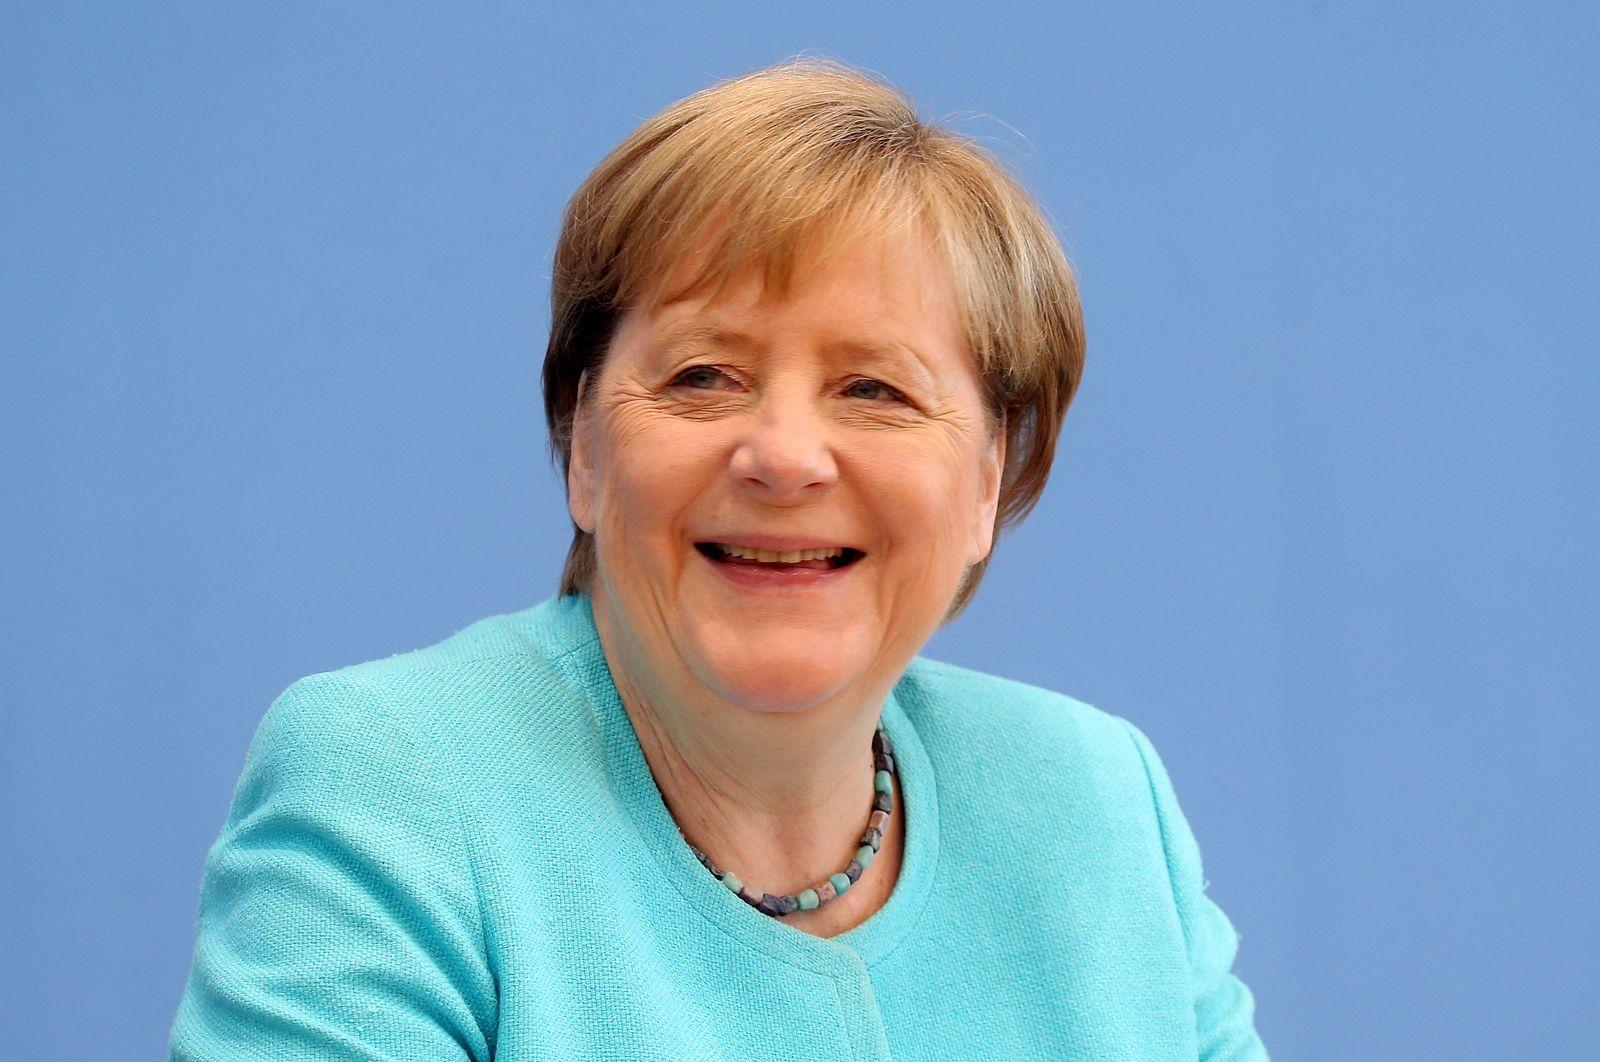 Zum Ende der Ära Merkel nach der Bundestagswahl